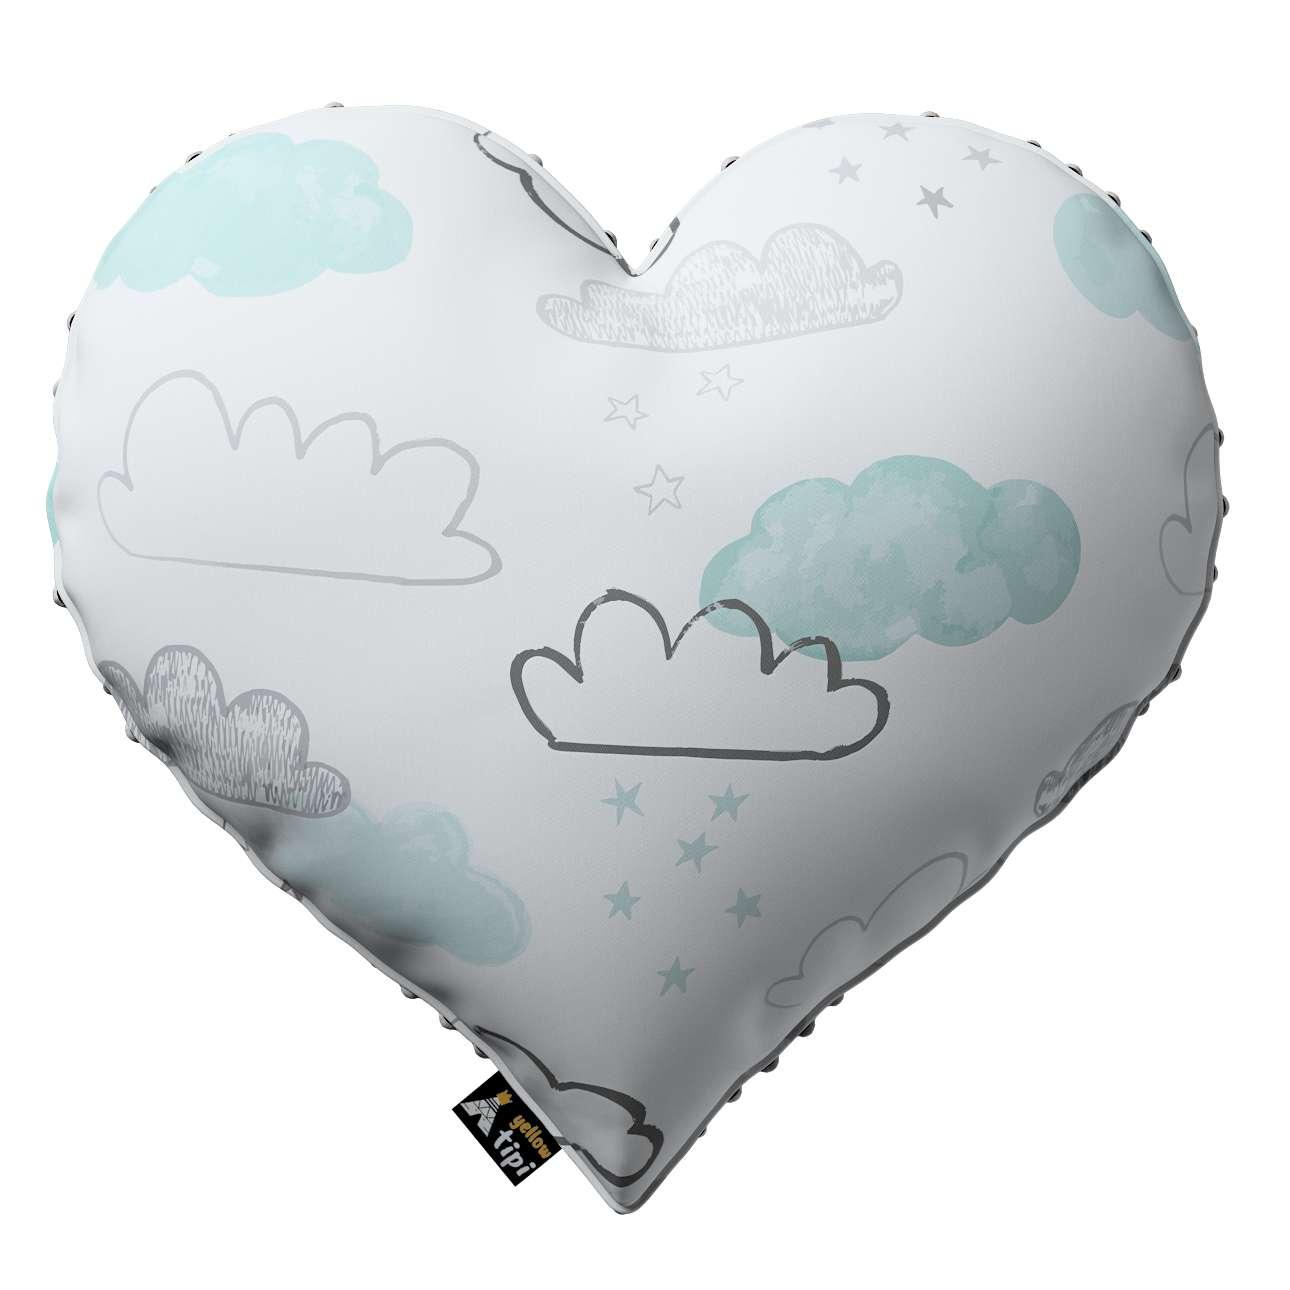 Kissen Heart of Love aus Minky von der Kollektion Magic Collection, Stoff: 500-14